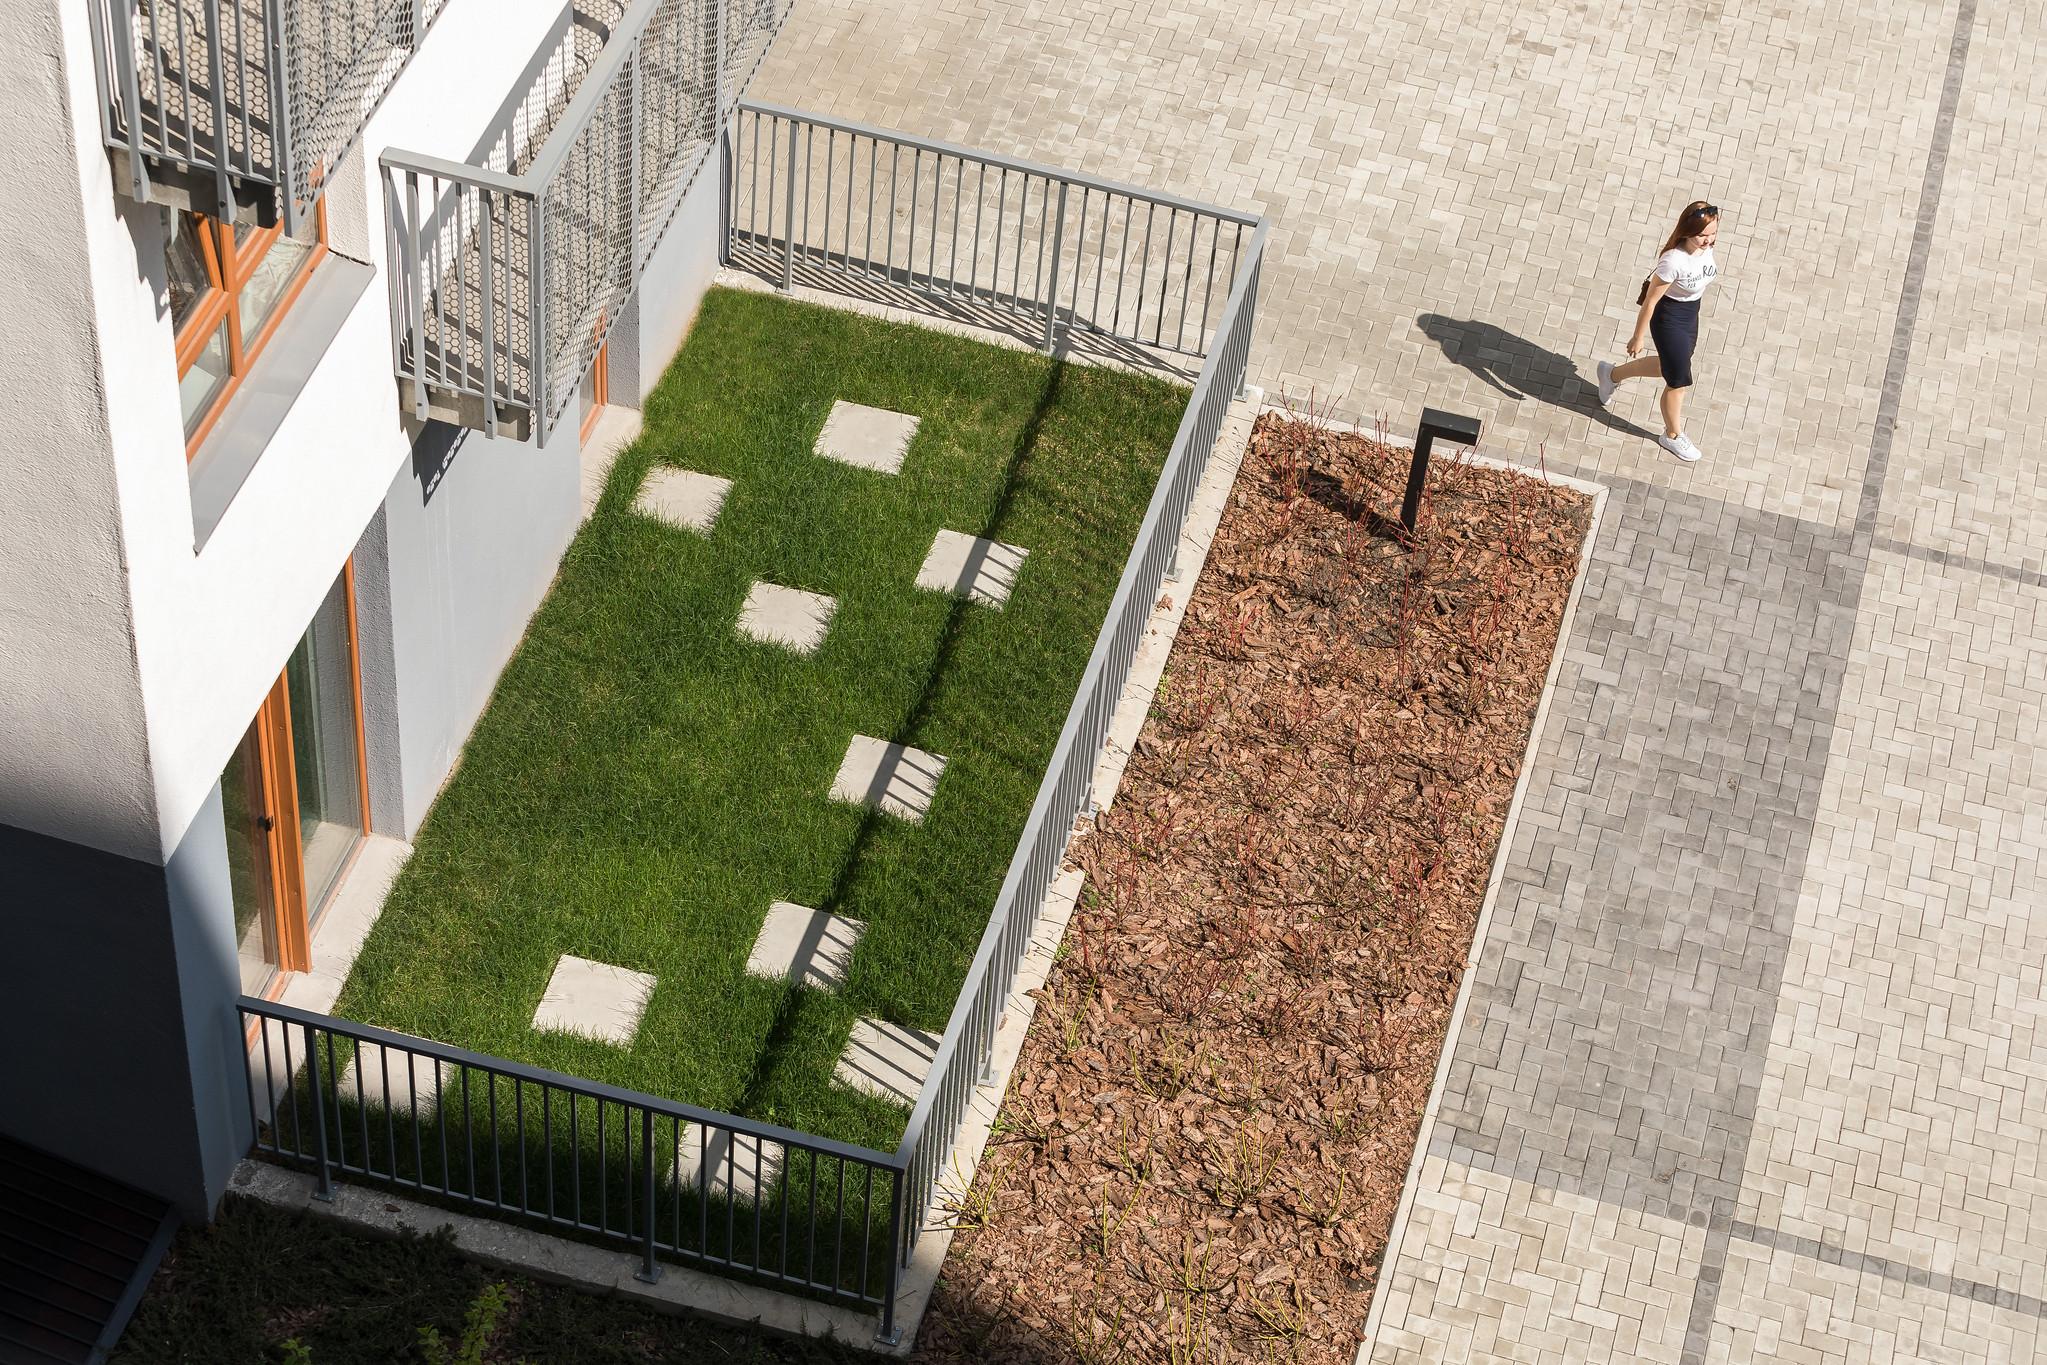 В квартирах на первых этажах спроектированы террасы. Здесь можно разместить уличную мебель для отдыха или детскую игровую зону